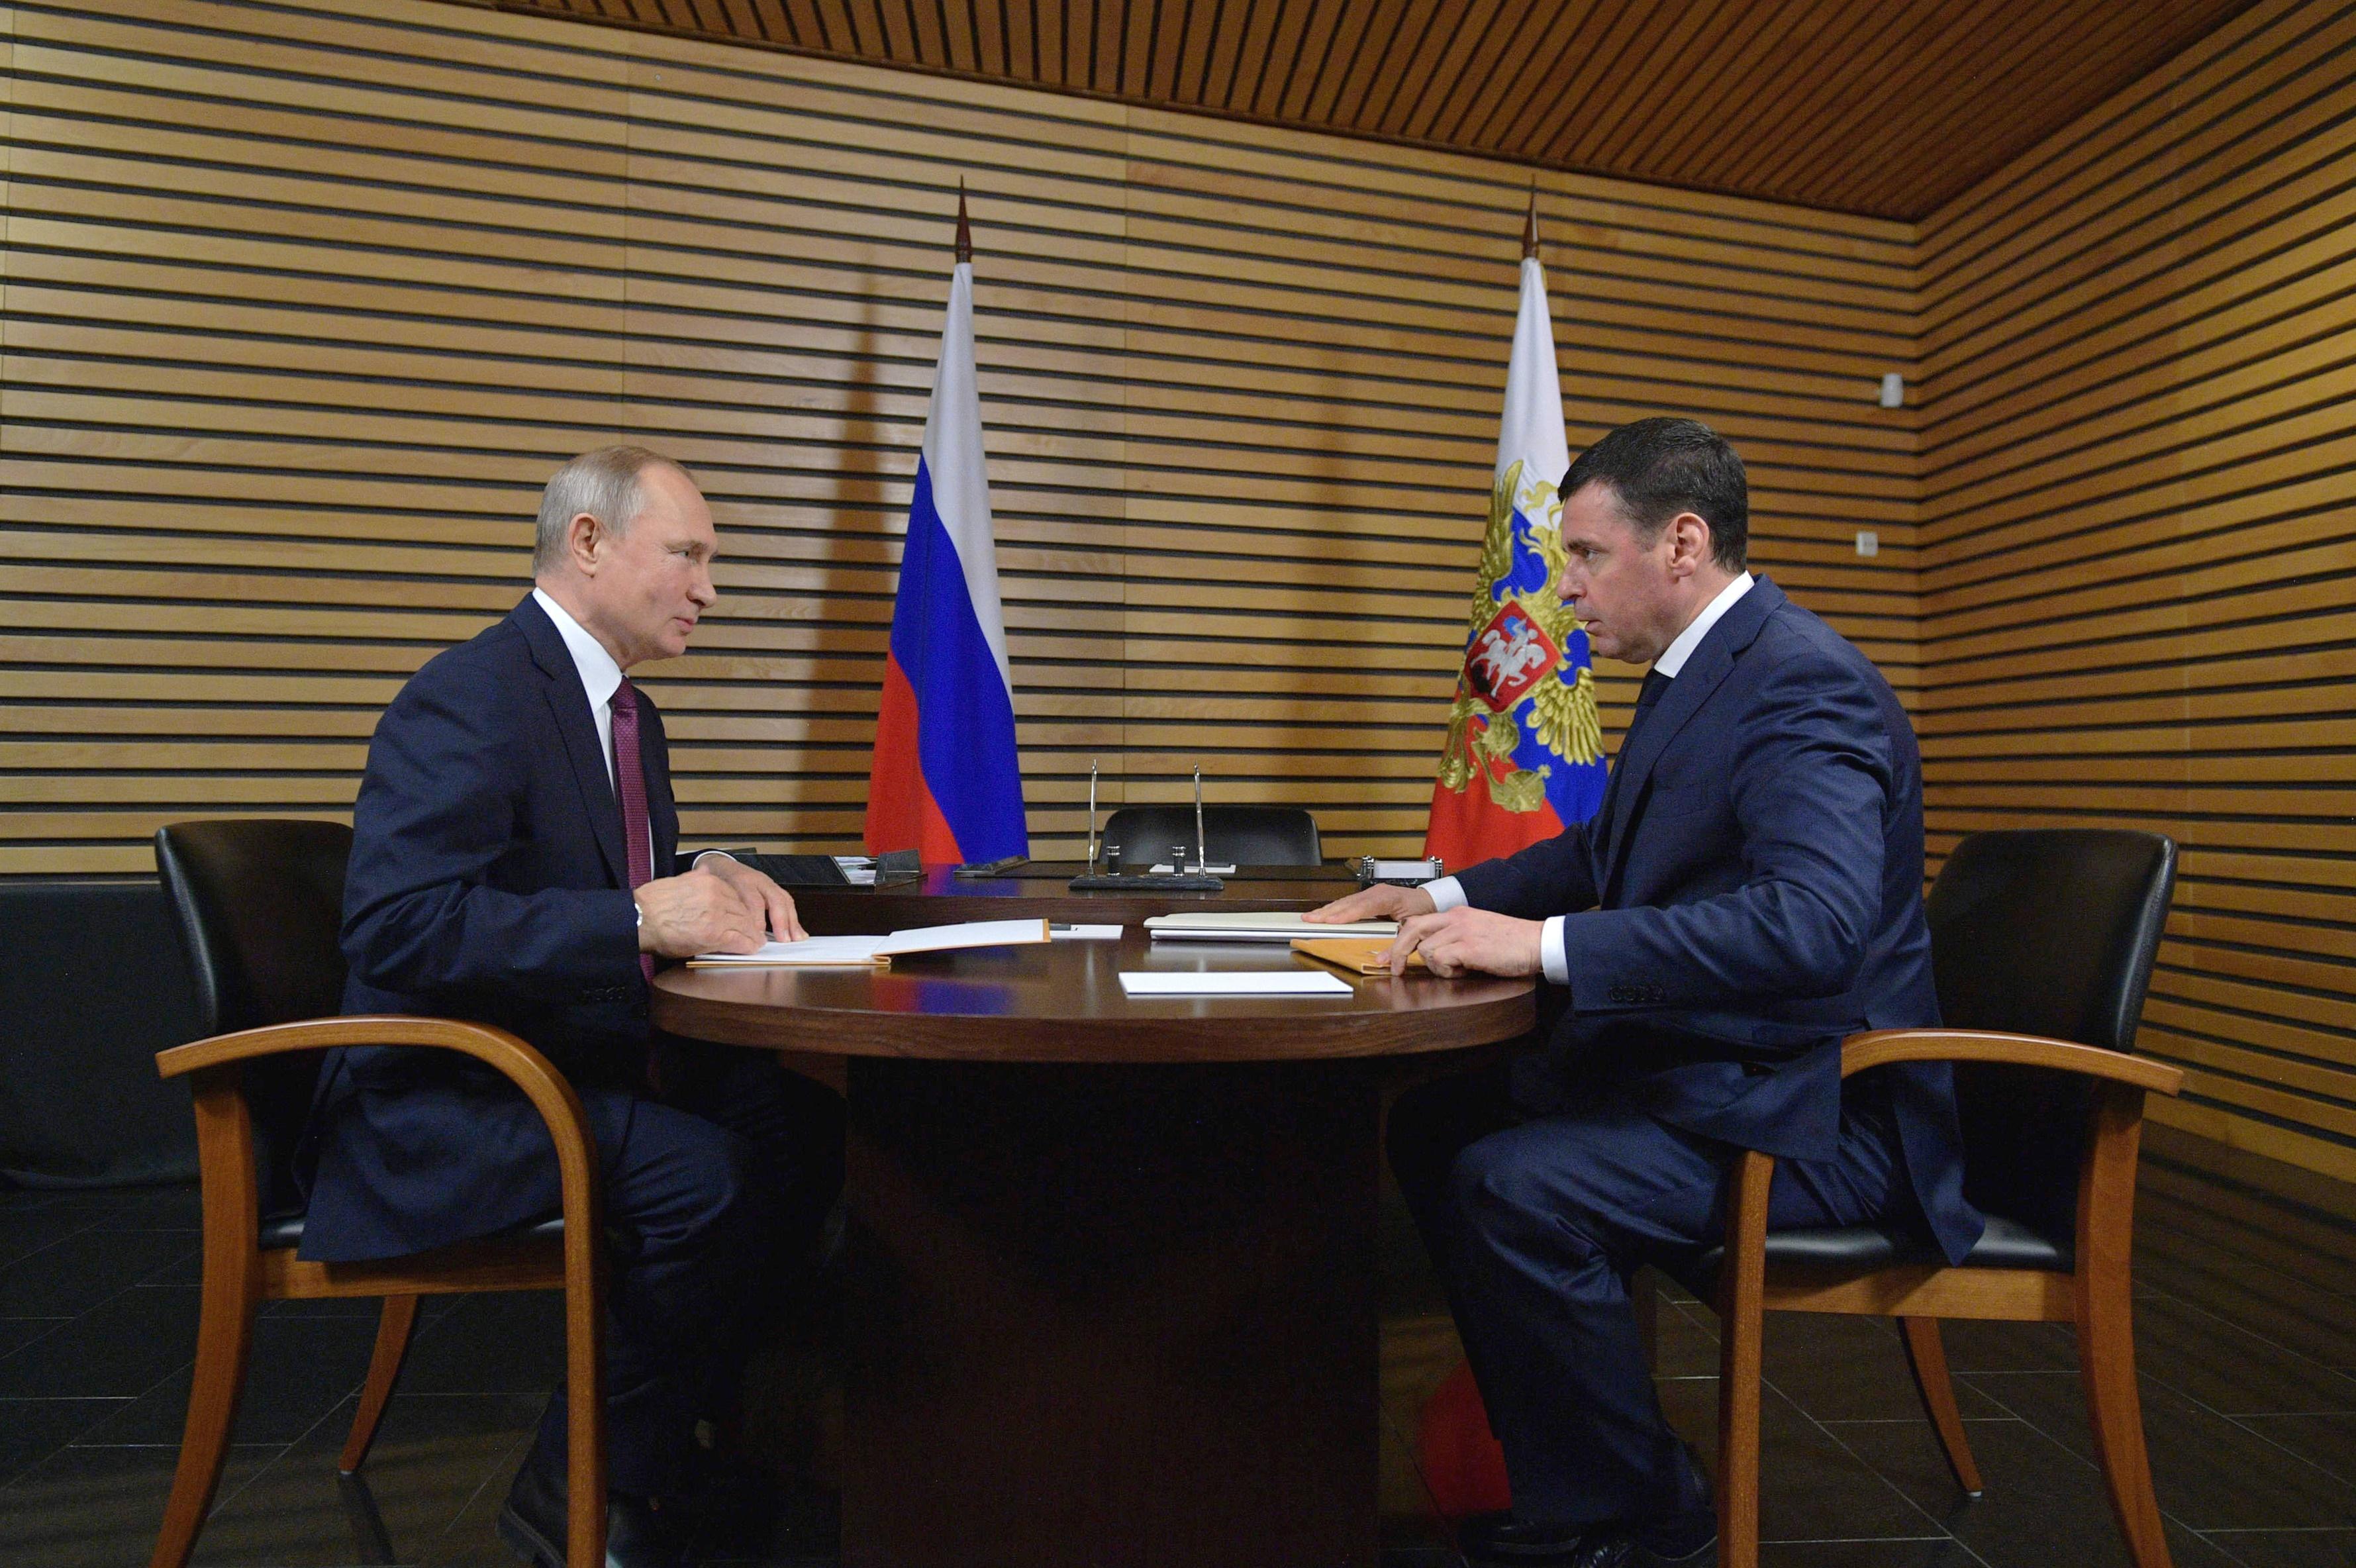 Дмитрий Миронов - Владимиру Путину: «Развитие промышленного производства – одна из наших приоритетных задач»